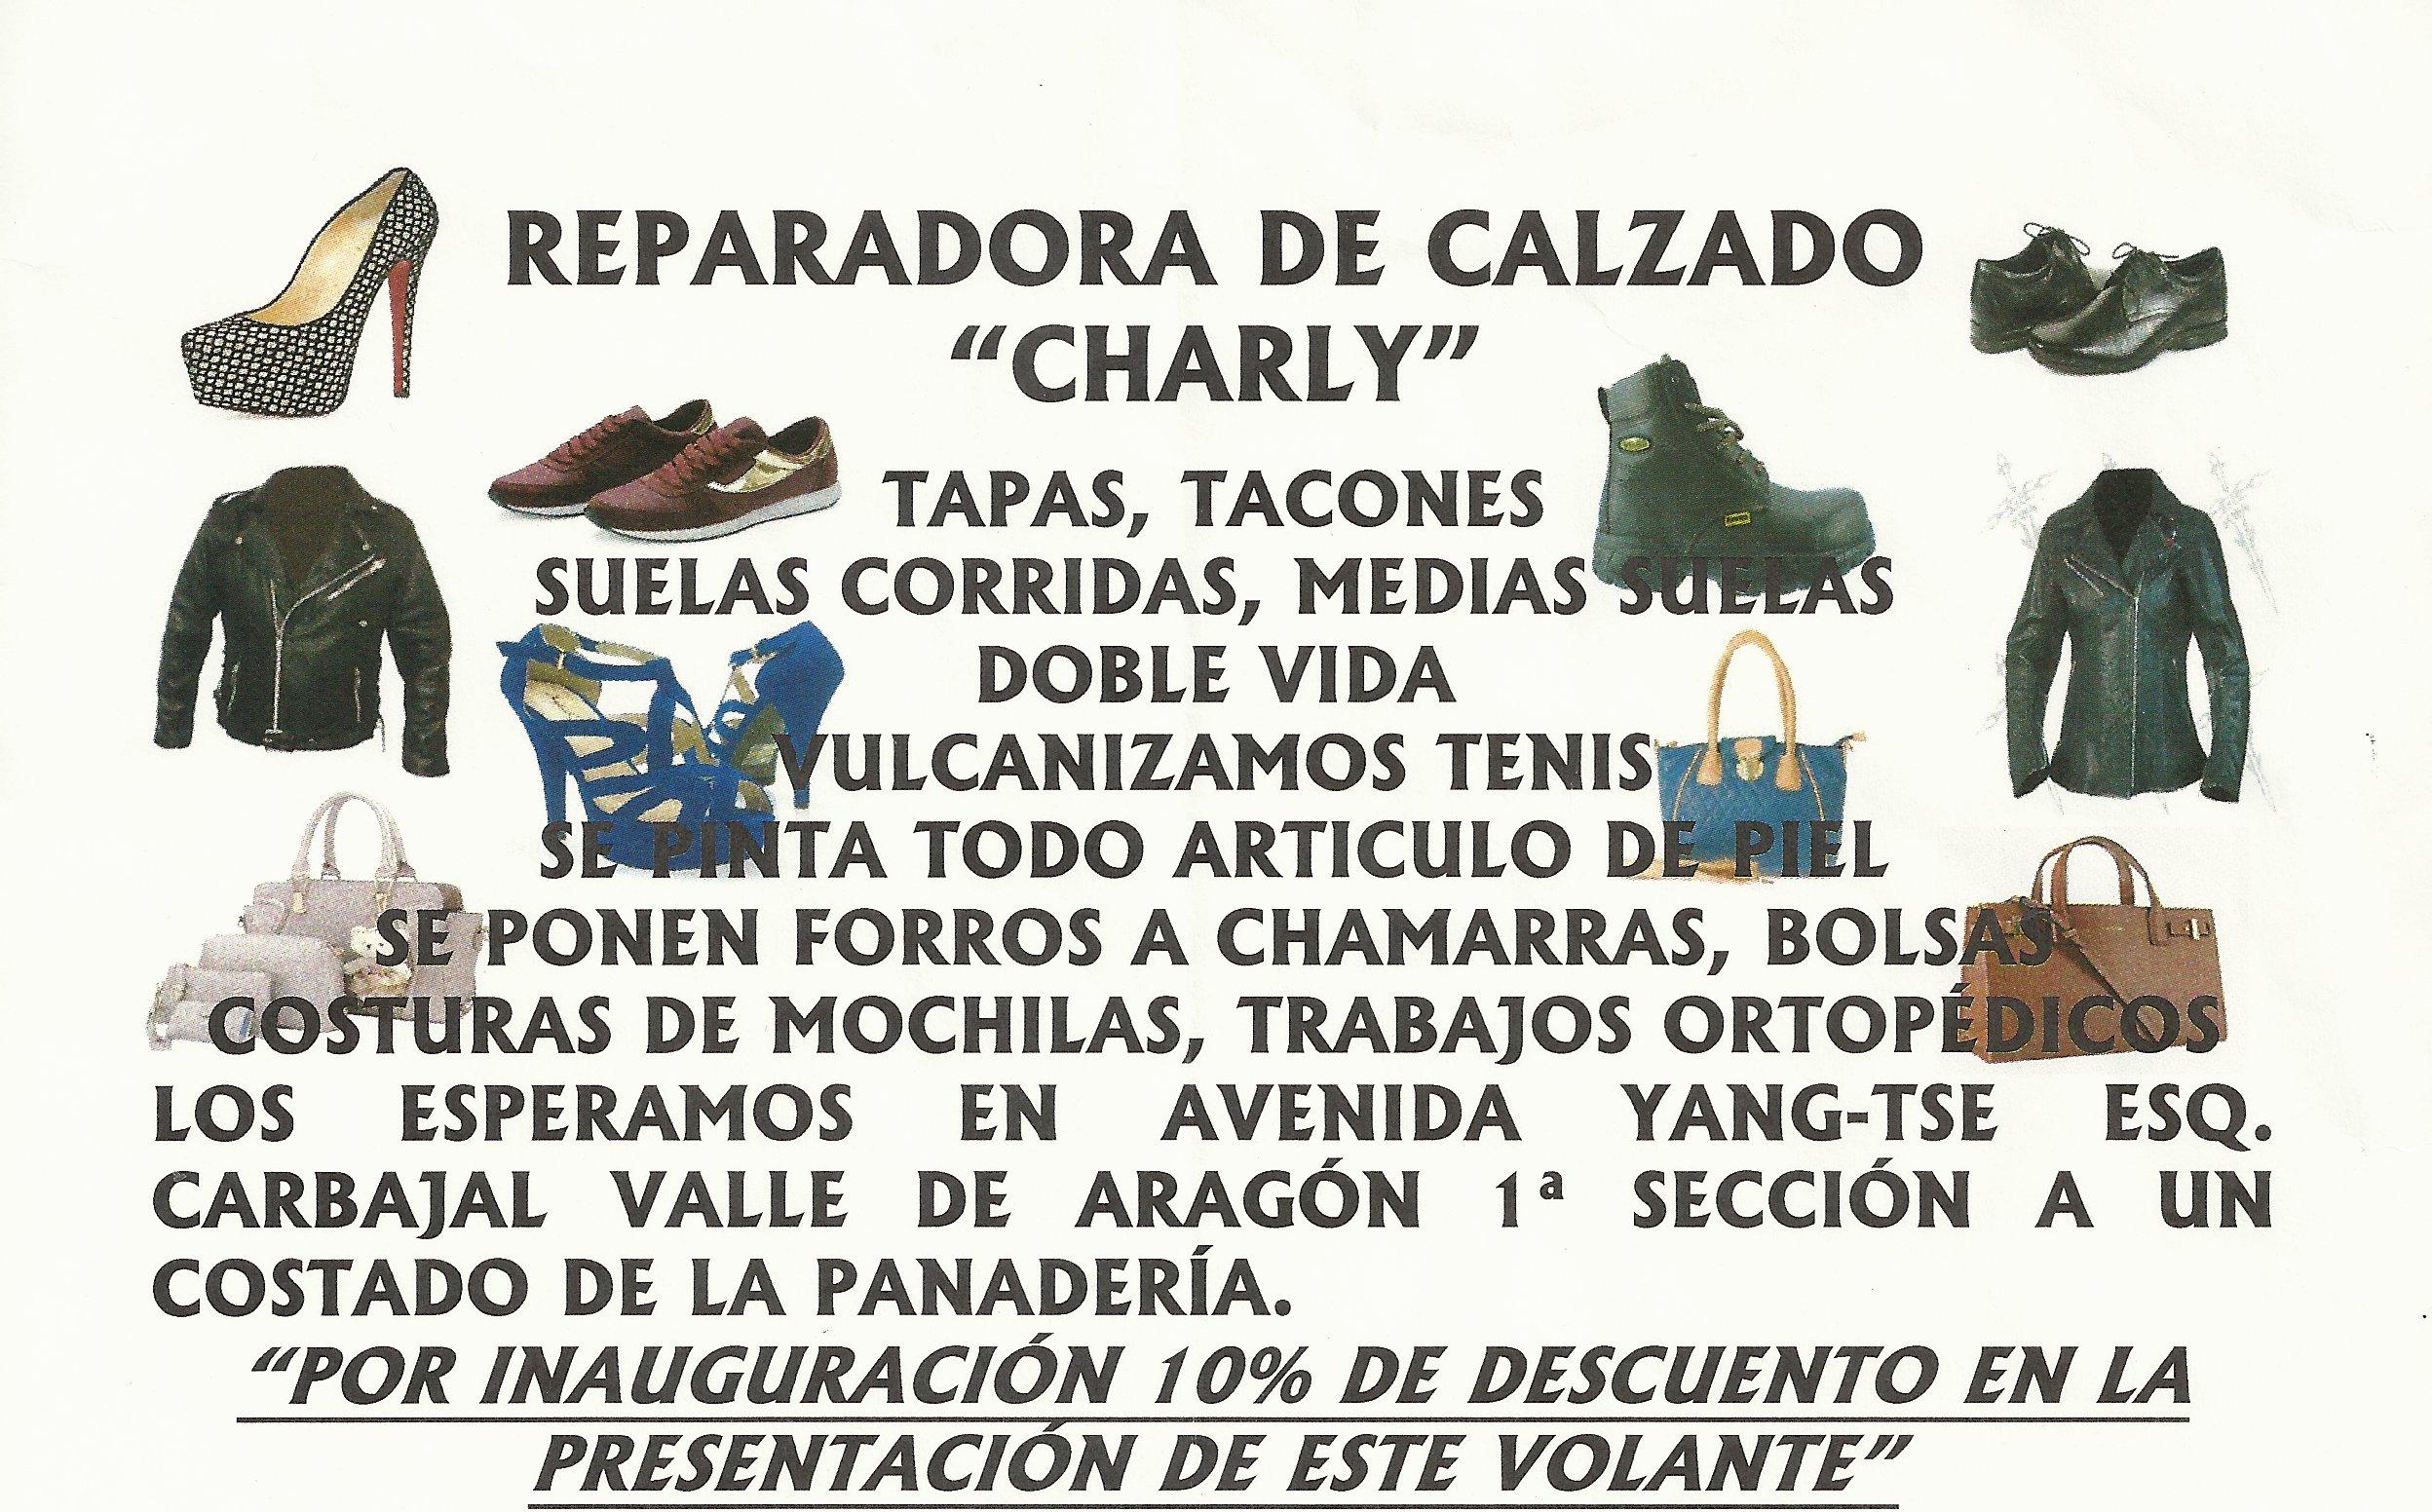 Reparacion de Calzado Charly – Go Aragon 0a9a2fddb5ae1